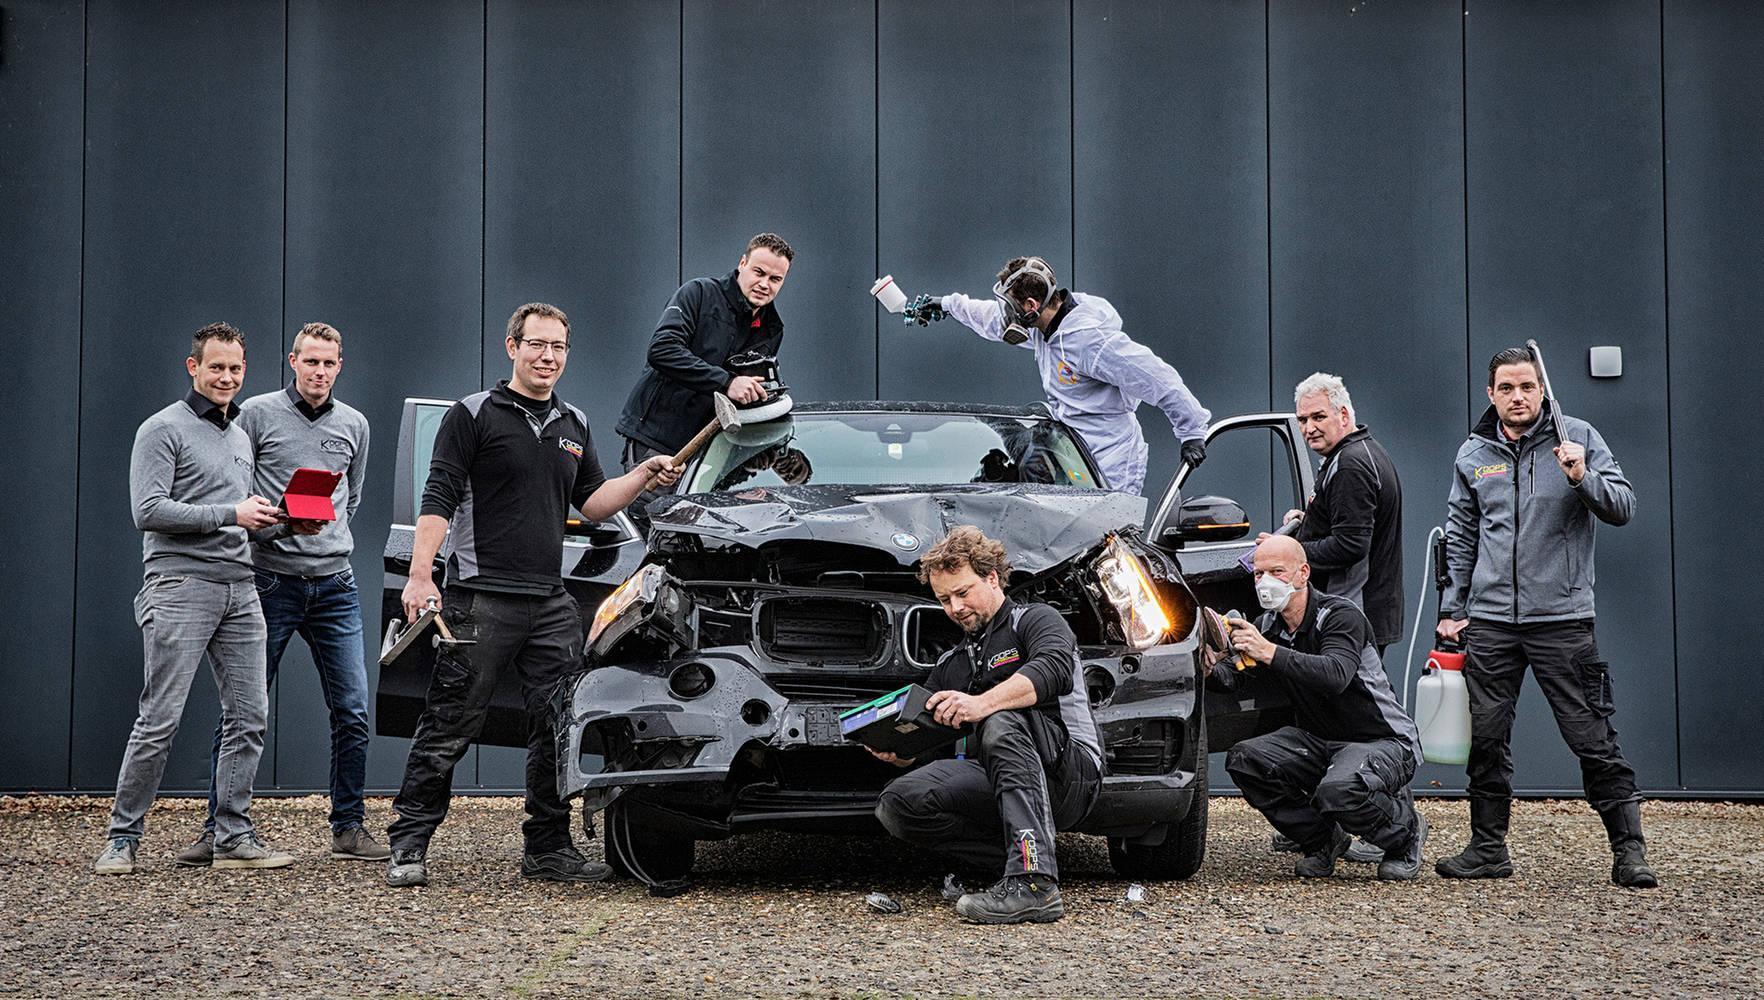 Fotografie voor de nieuwe website van Koops Autoschade